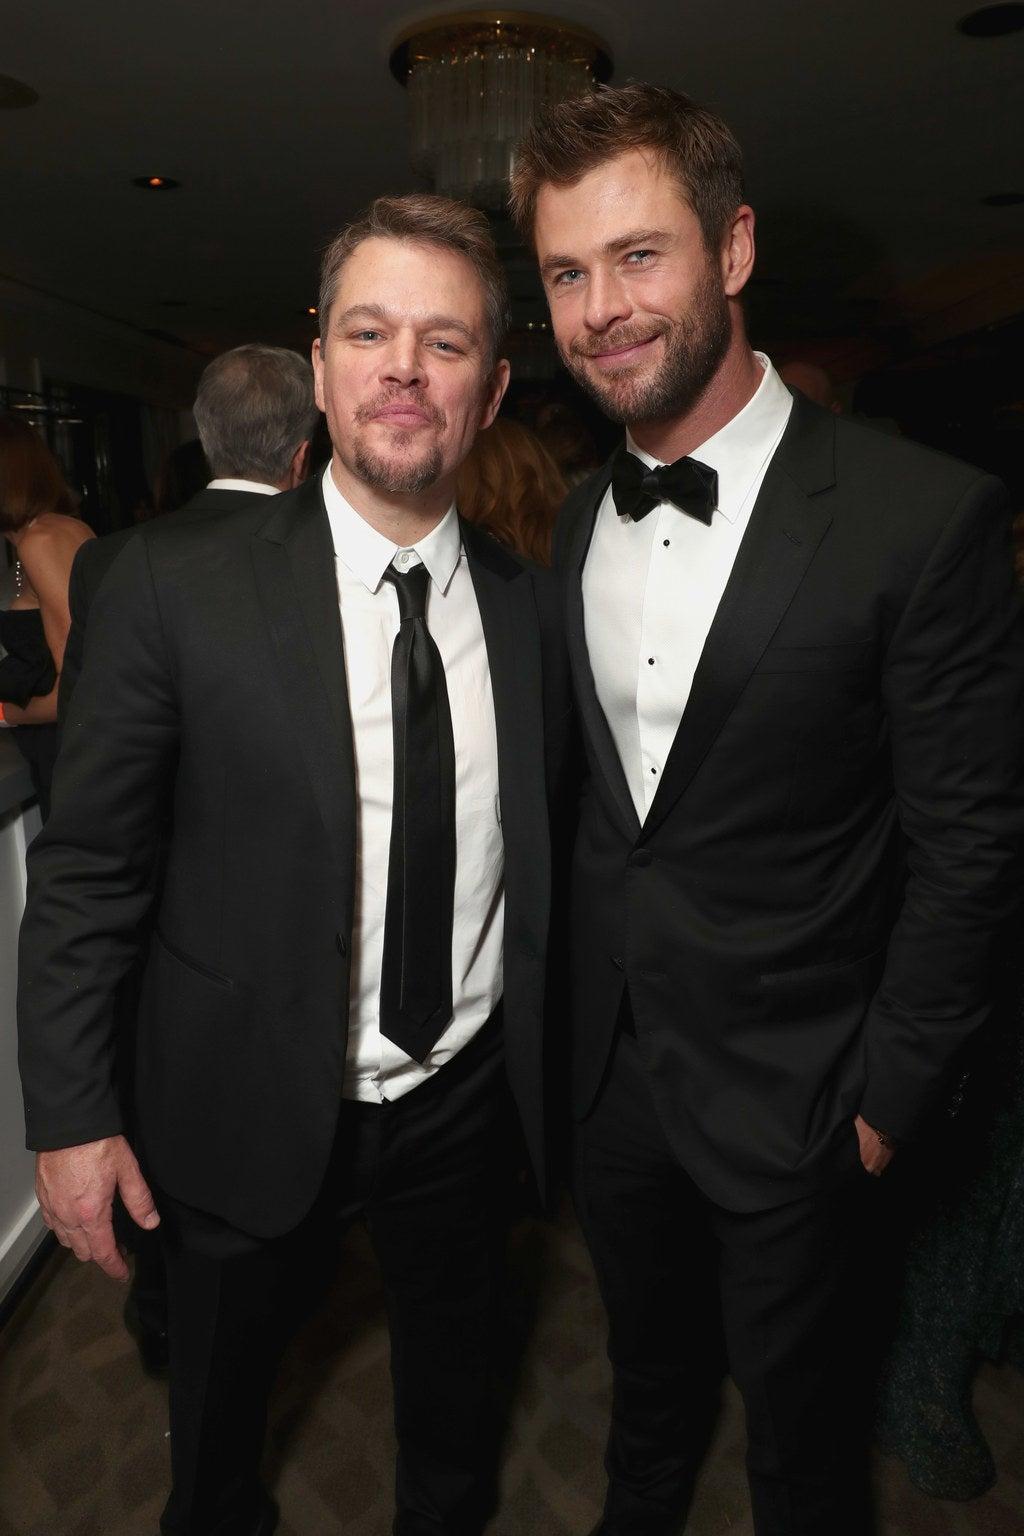 Matt Damon and Chris Hemsworth